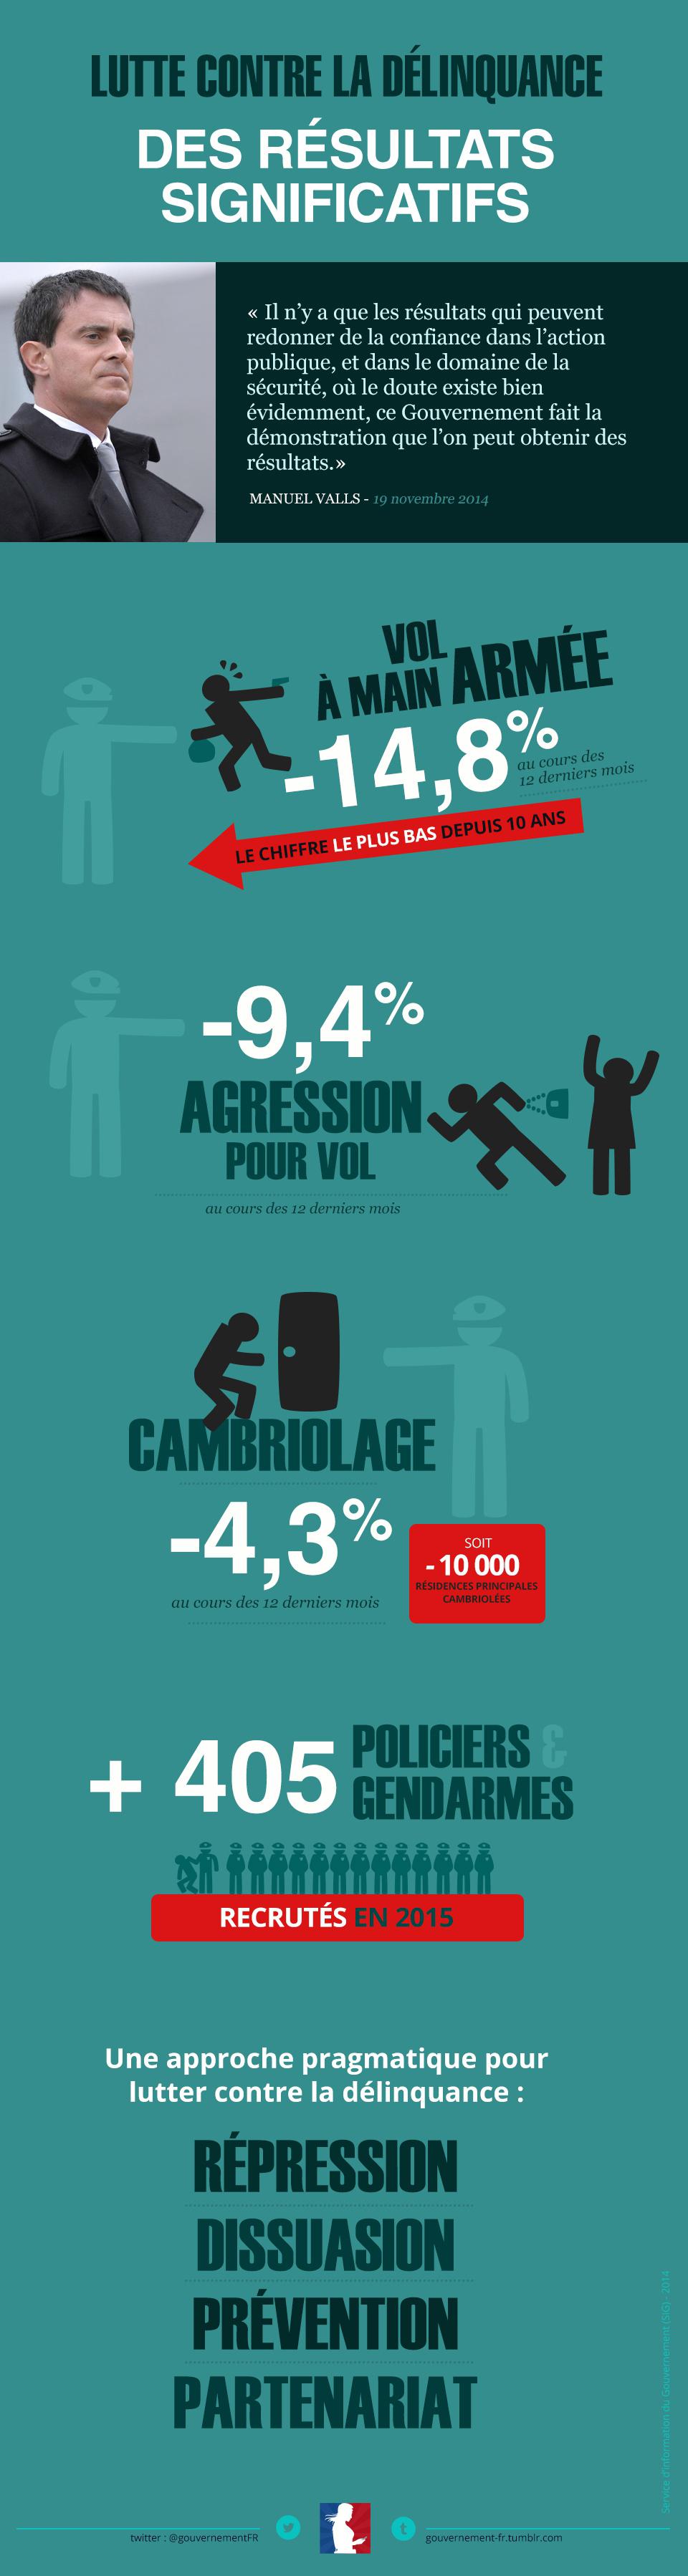 Infographie sur le lutte contre la délinquance - voir en plus grand